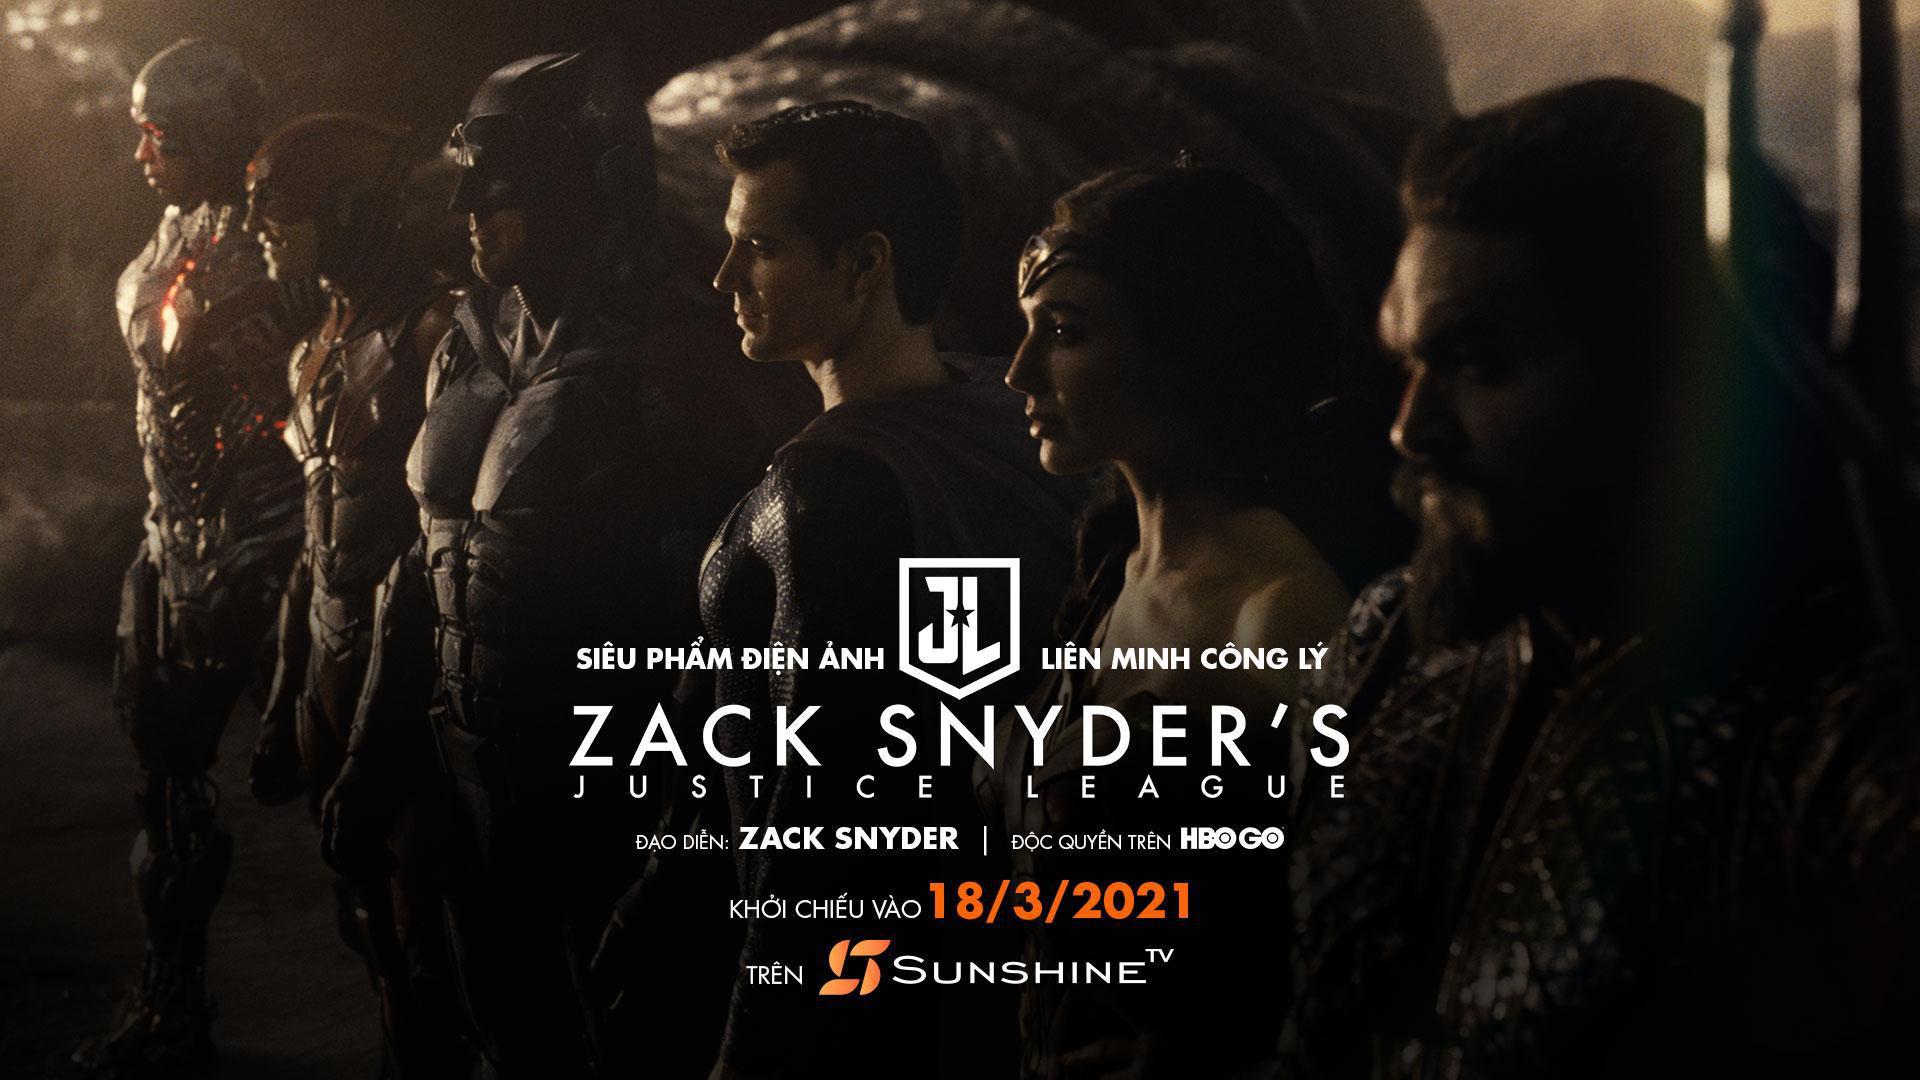 """Không chiếu rạp, fan DC có thể xem """"Zack Snyder's Justice League"""" ở đâu? - Ảnh 1."""